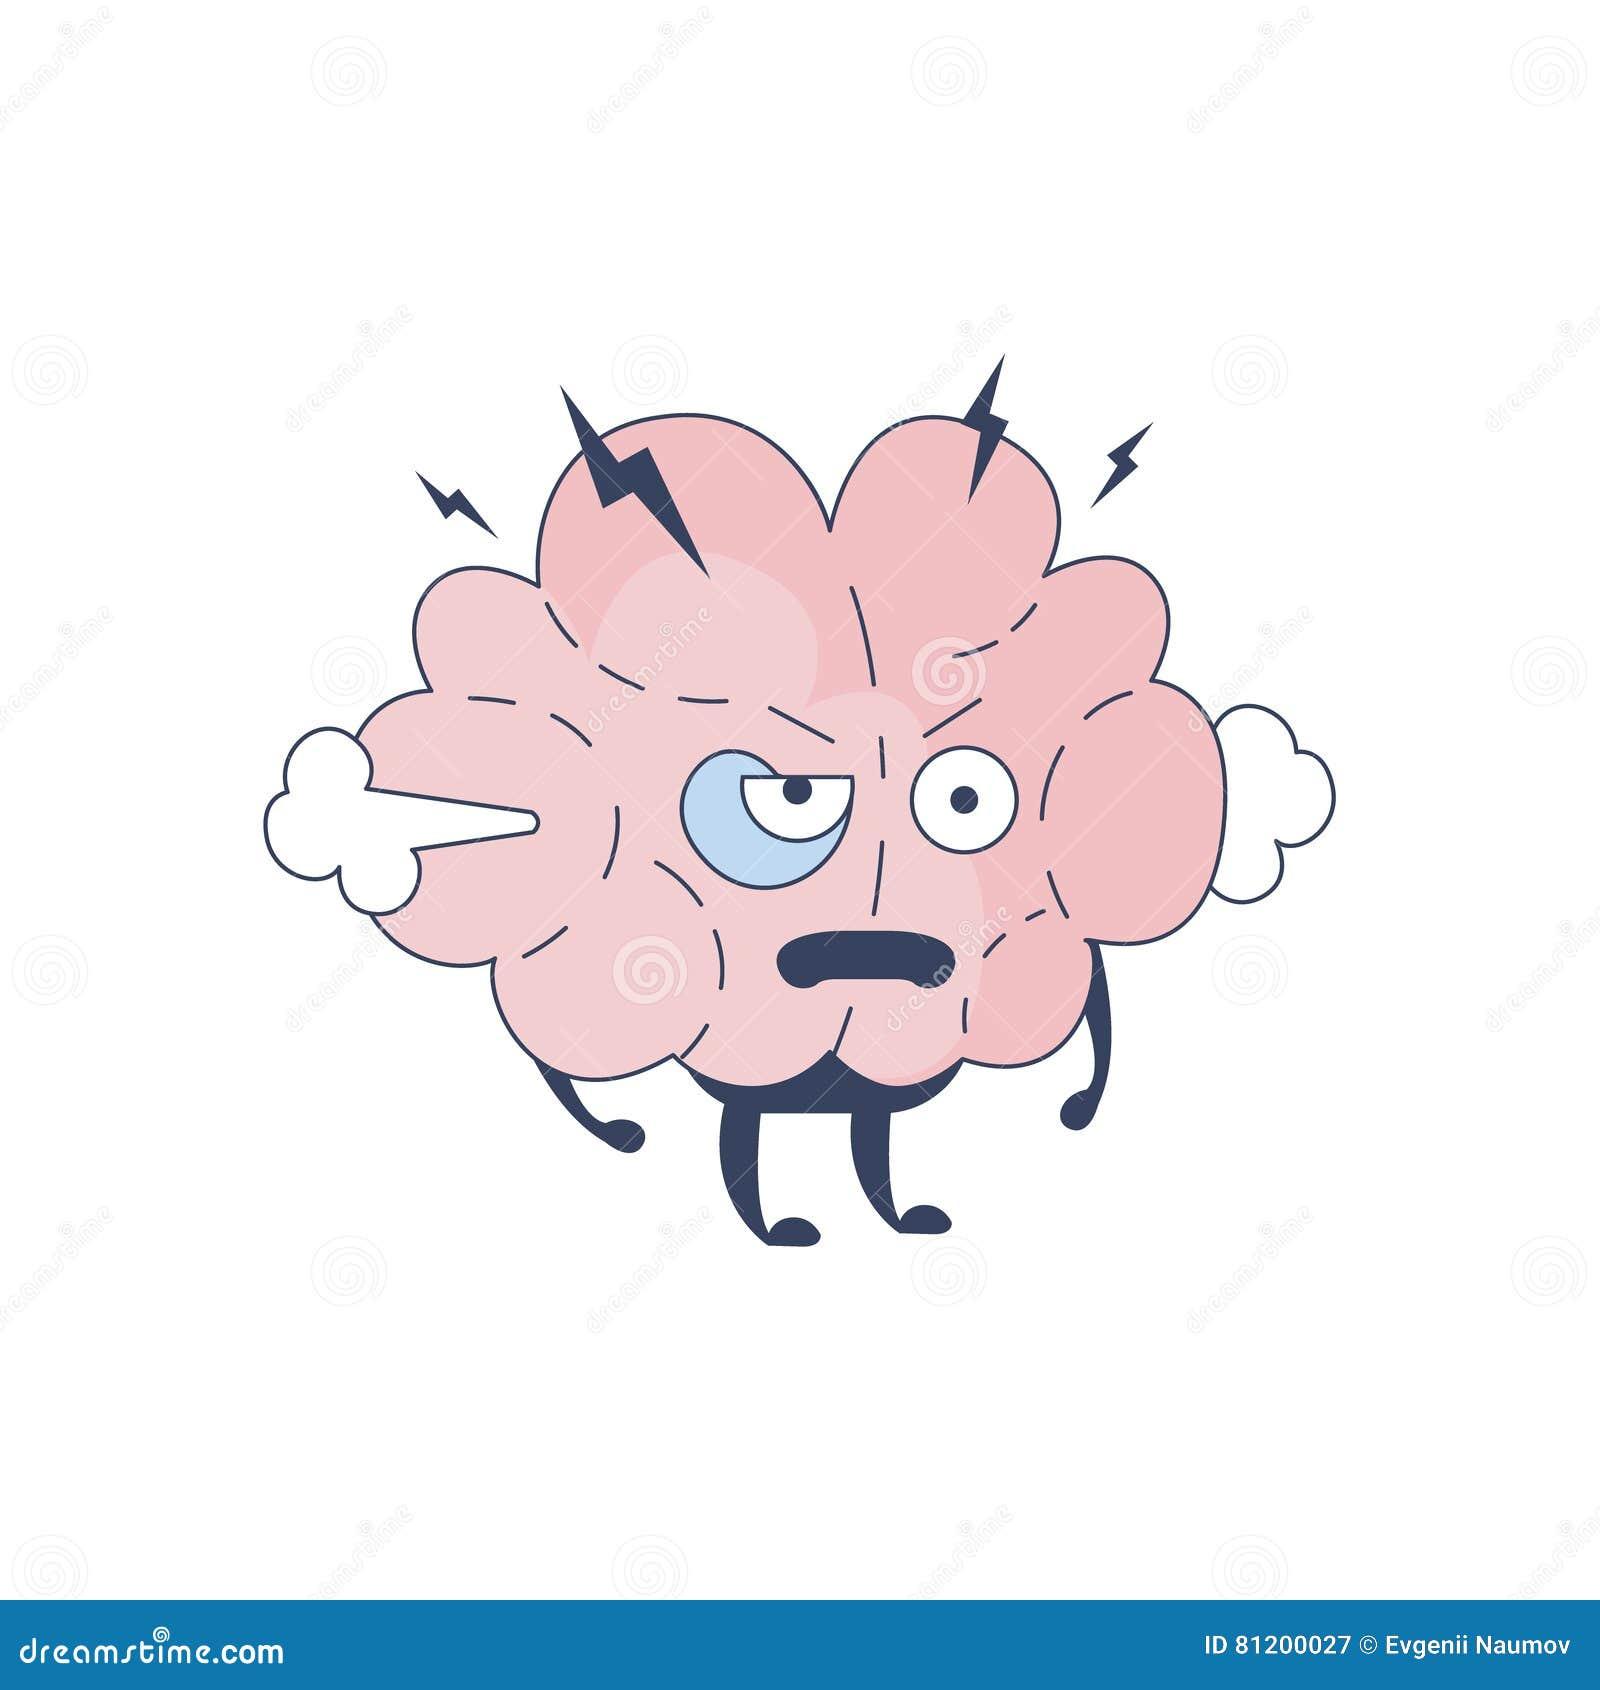 Мозг помоченный с комического персонажа представляя интеллект и интеллектуальную деятельность вектора шаржа человеческого разума